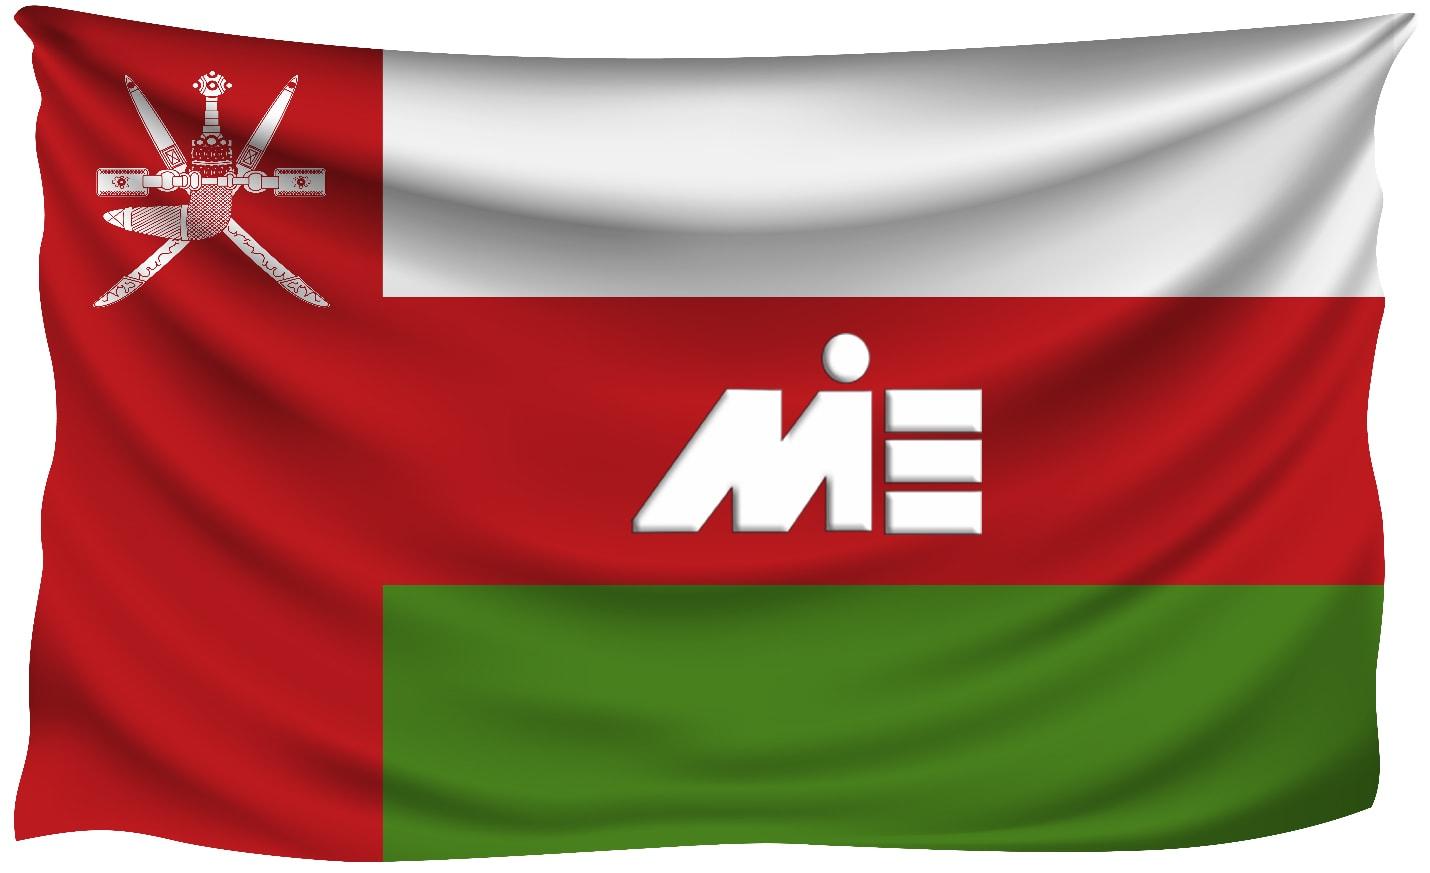 پرچم عمان ـ ویزای عمان ـ مهاجرت به عمان ـ کار در عمان